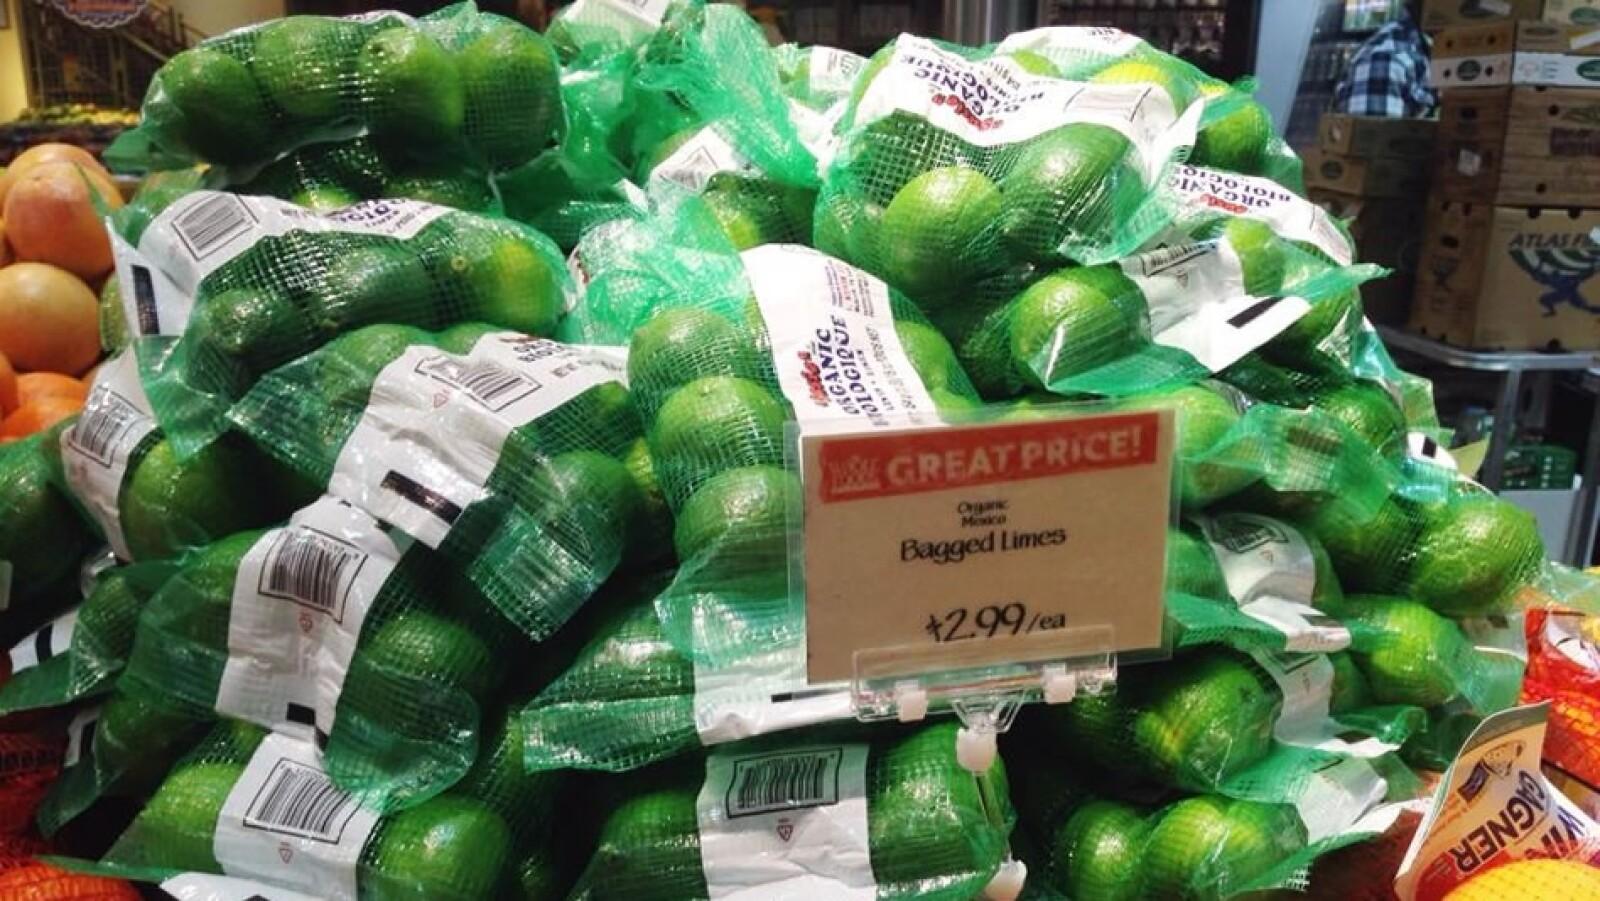 Esta bolsa con unos 8 limones orgánicos importados desde México alcanza en Washington DC